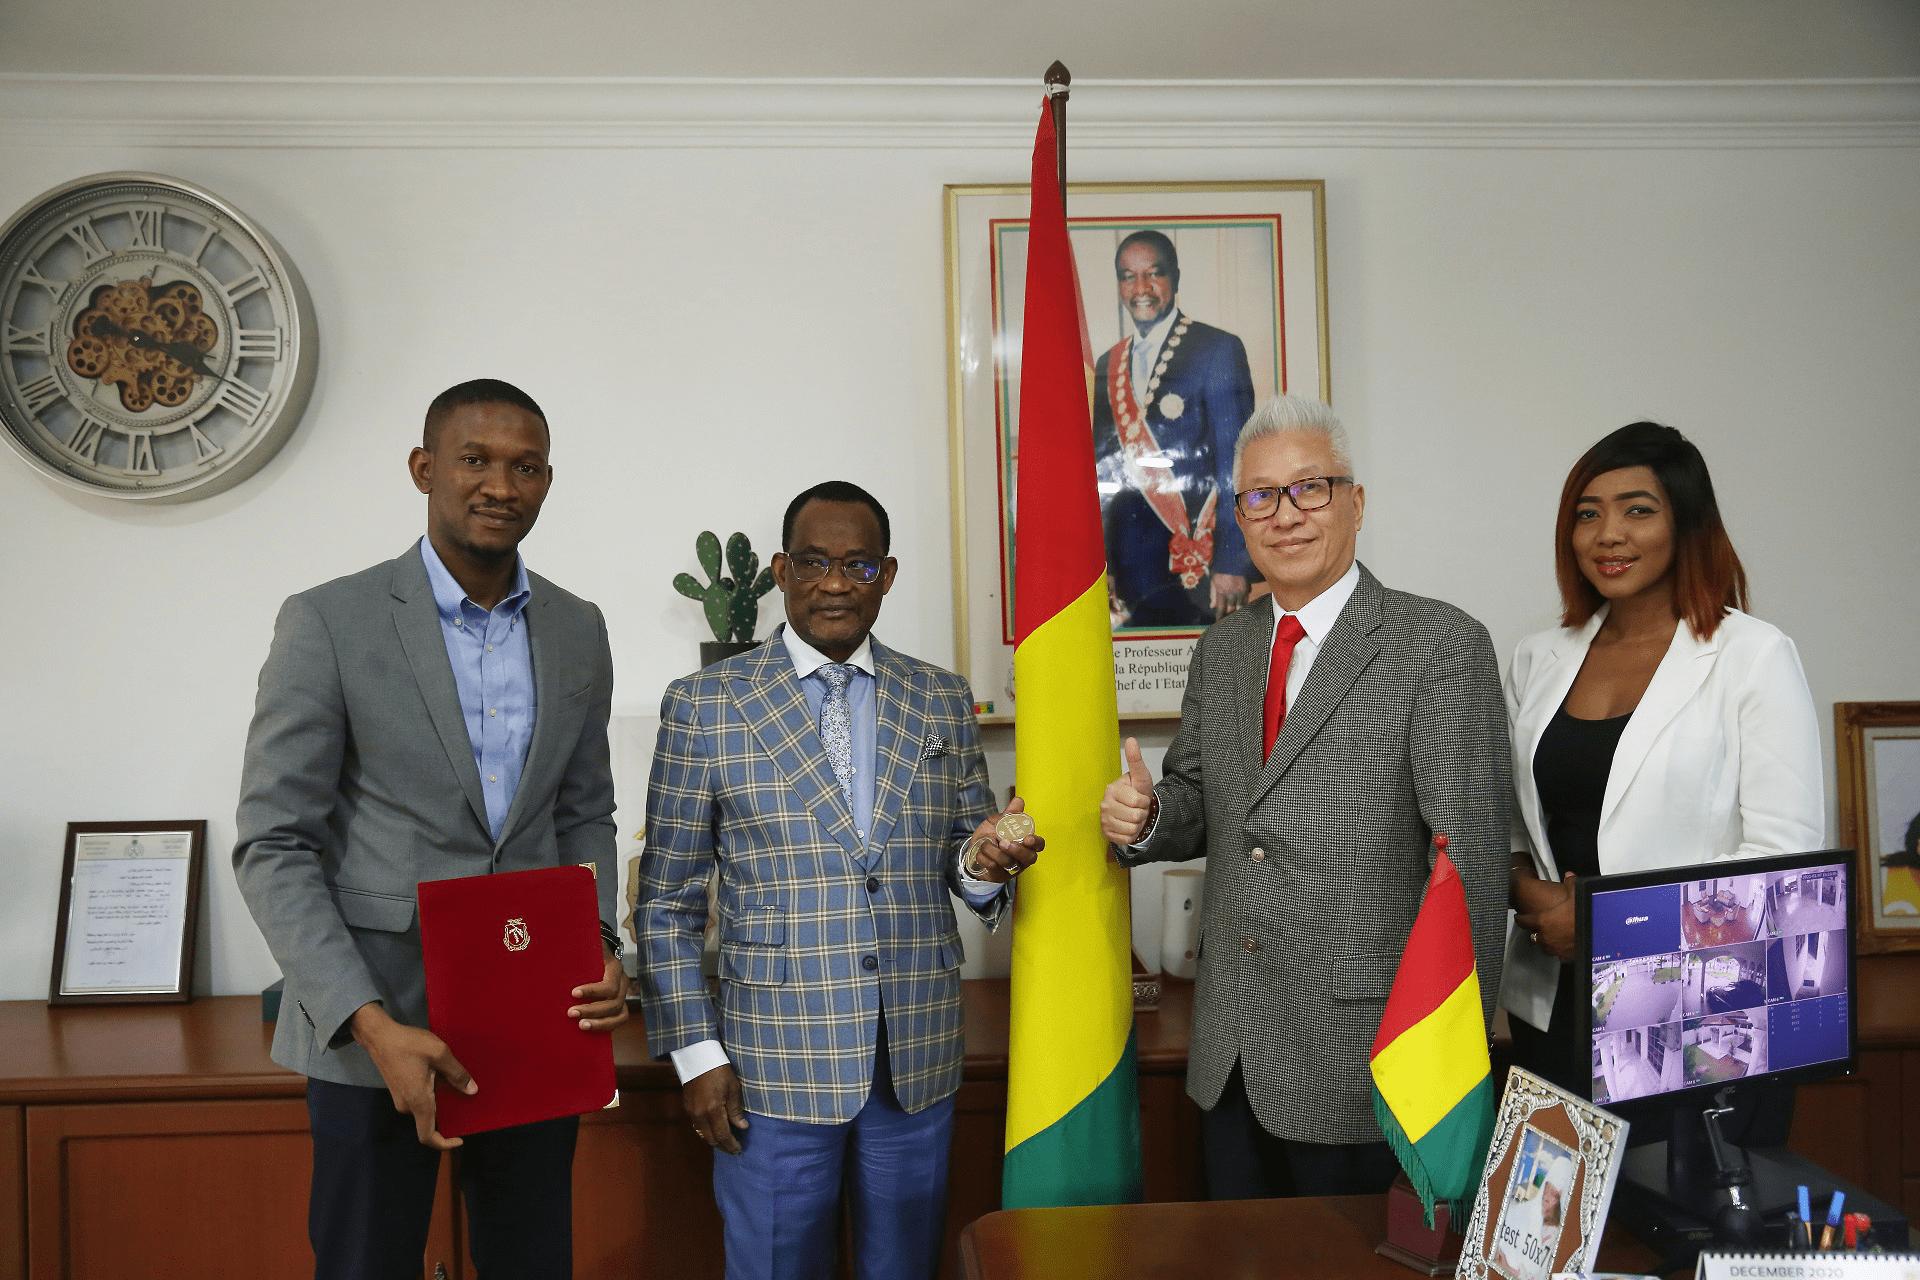 荣耀加身全球瞩目 MOOM创始人黄东生出任几内亚经济顾问